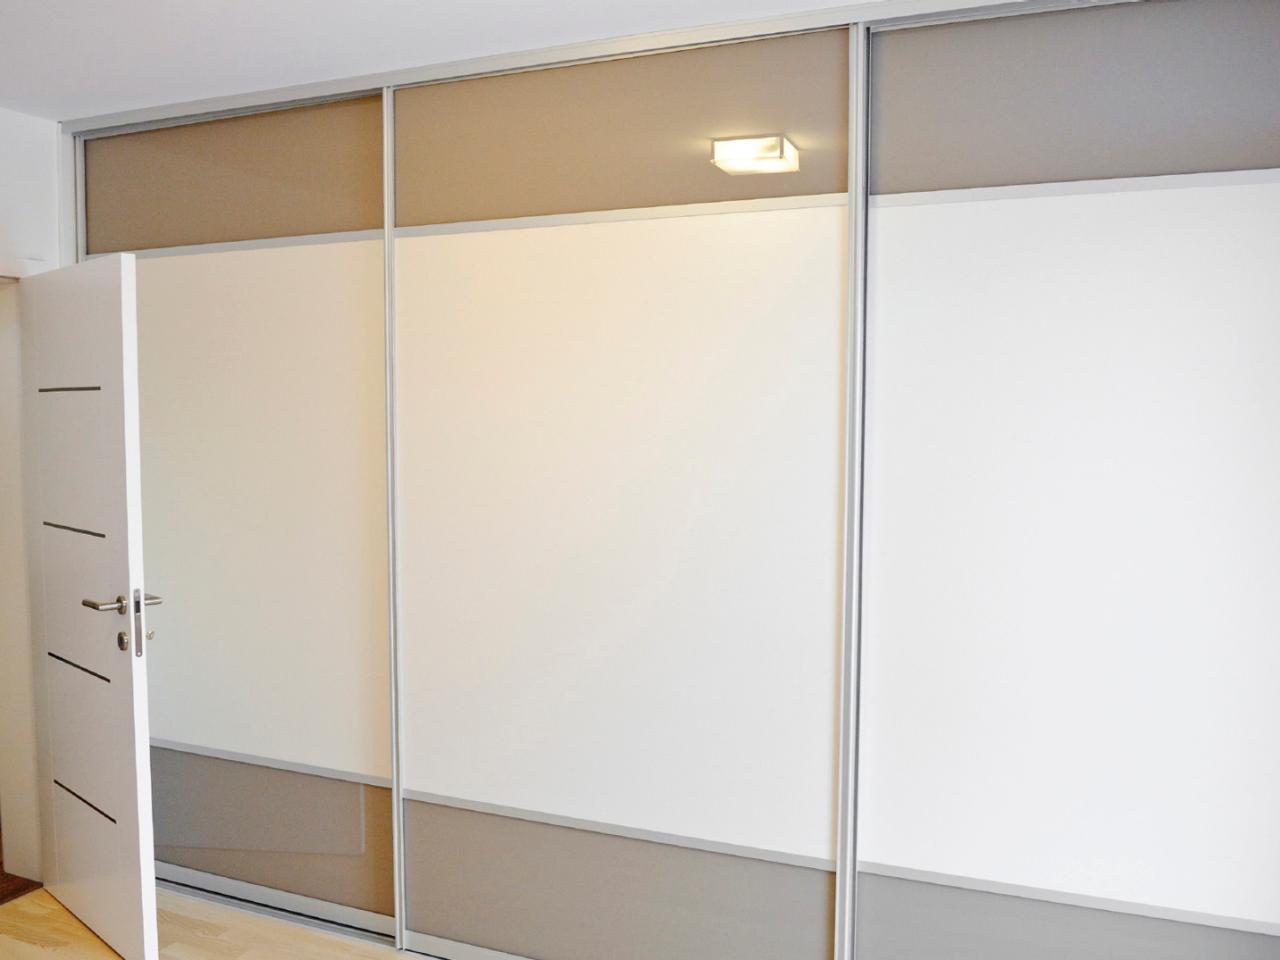 sliding closet doors: design ideas and options JLBXSFV